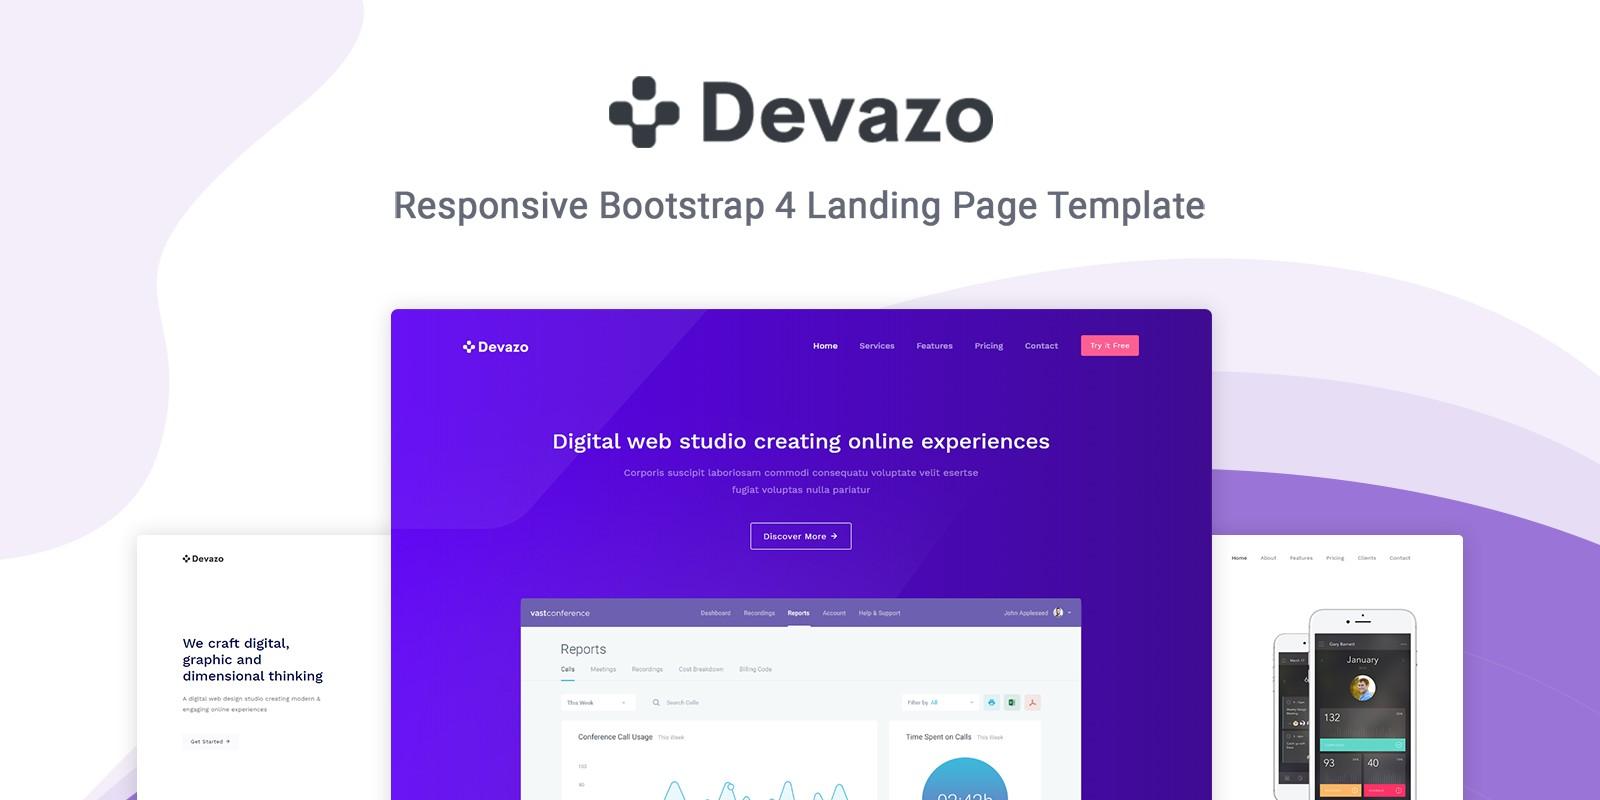 Devazo - Landing Page Template